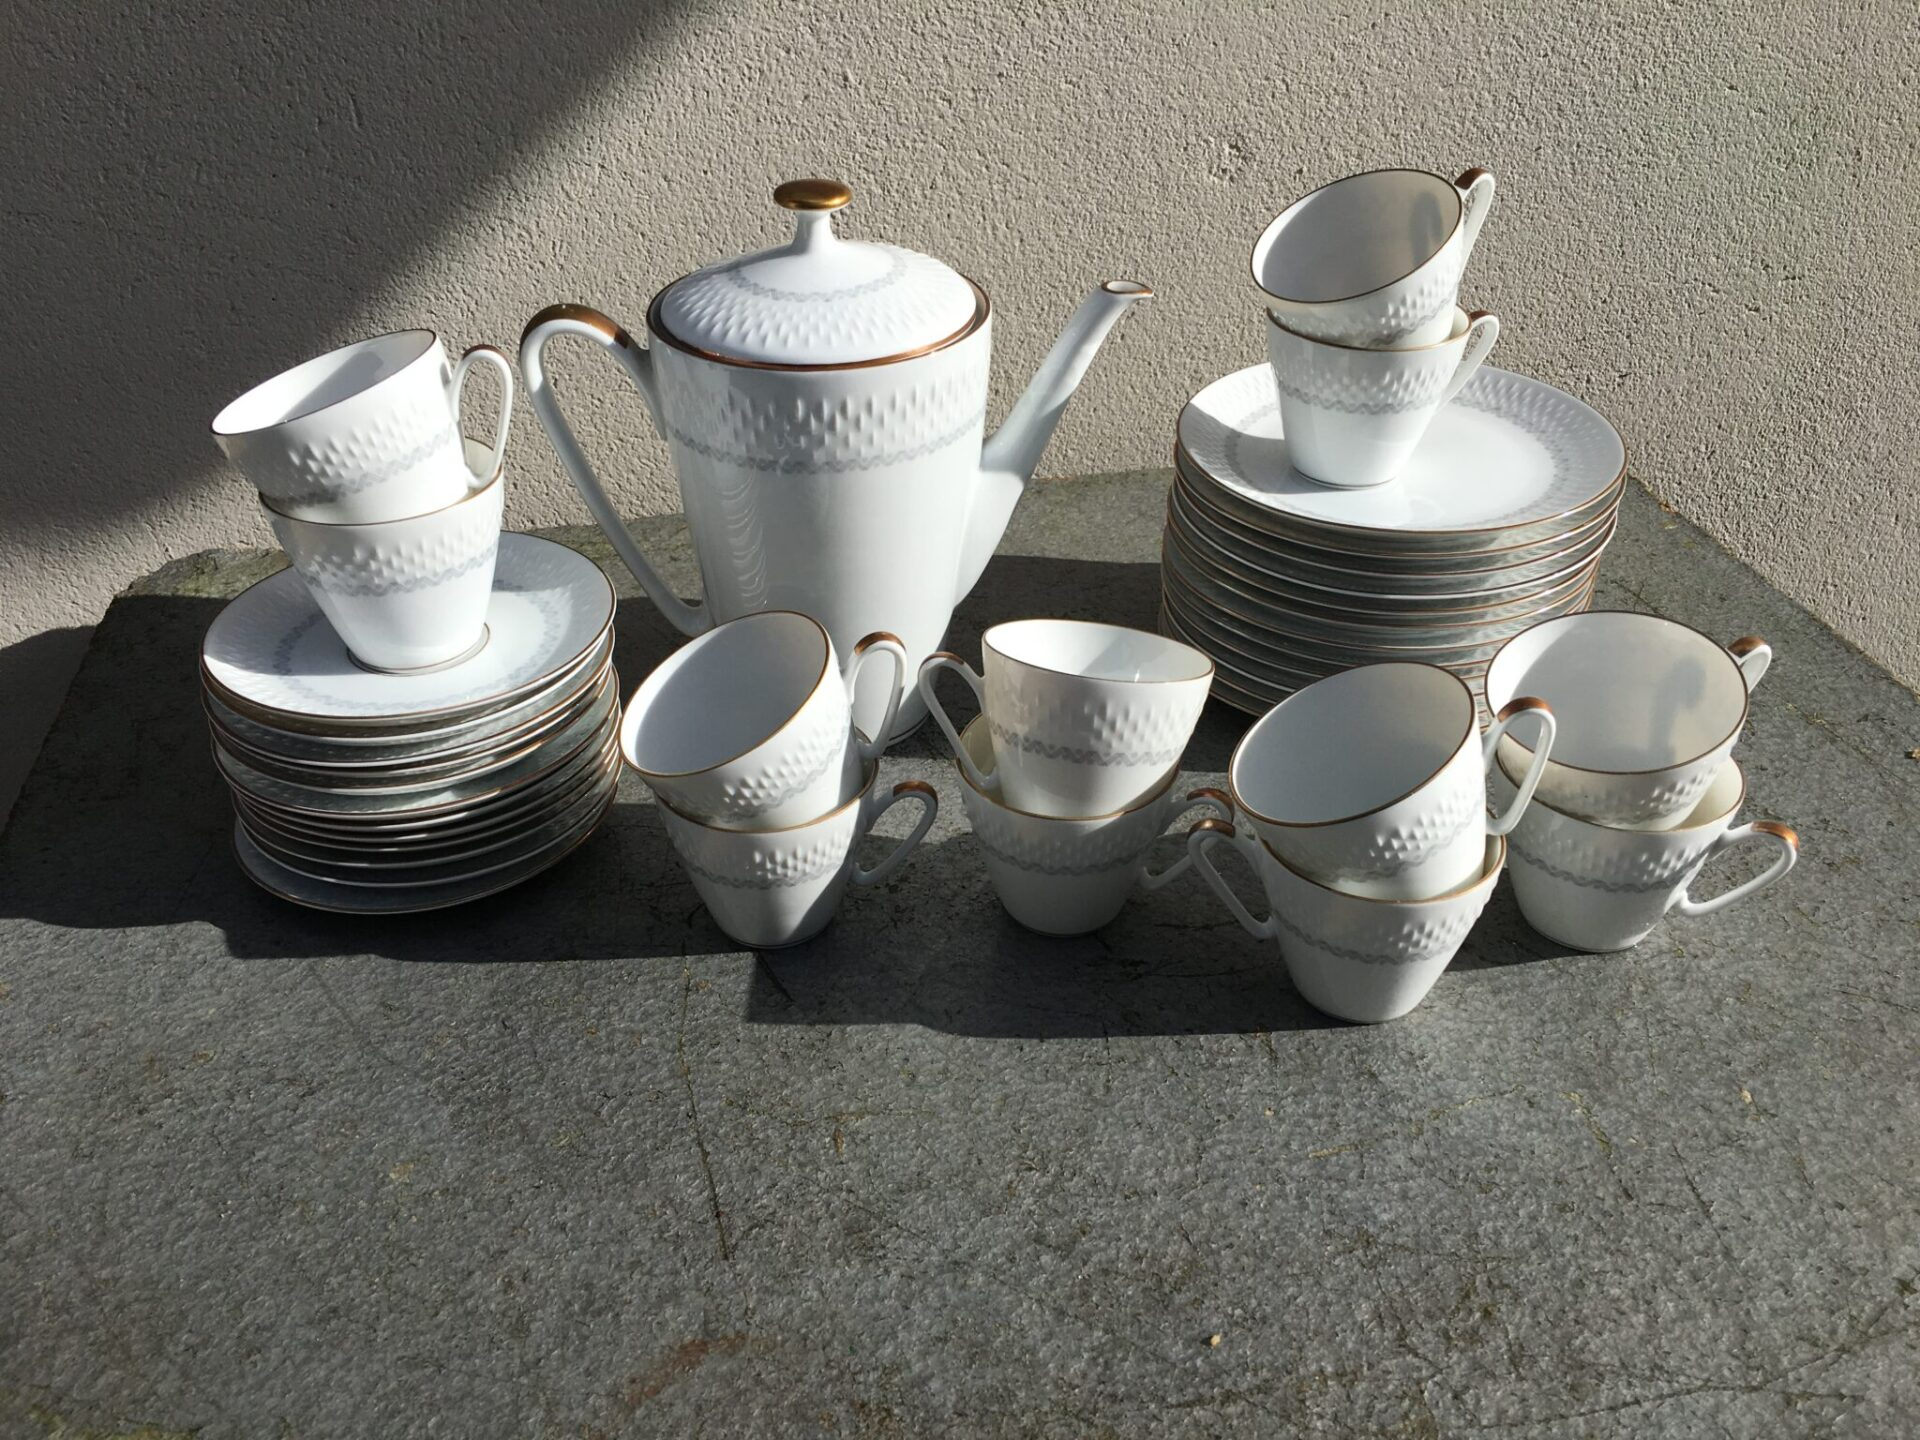 12-personer kaffestel, Edelstein, velholdt, ialt 300 kr